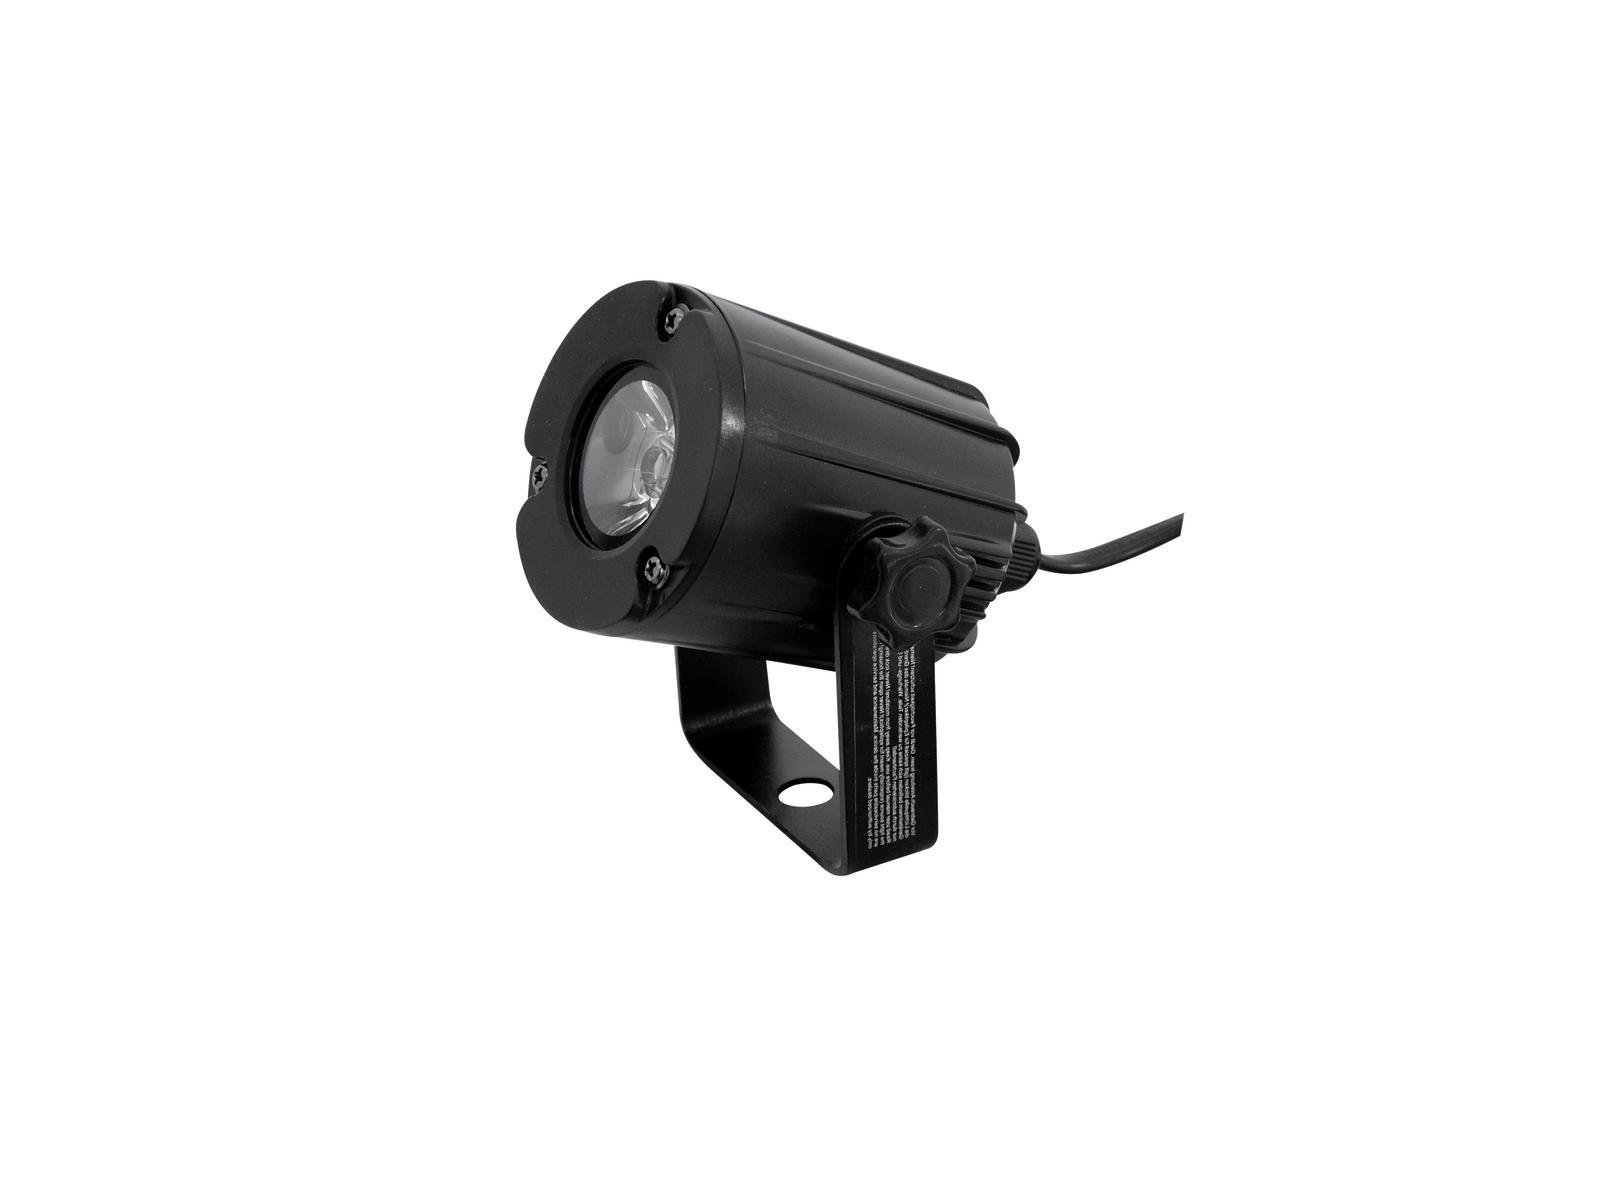 Eurolite LED spot 3W, 6000K, 6°, černý, bodový reflektor